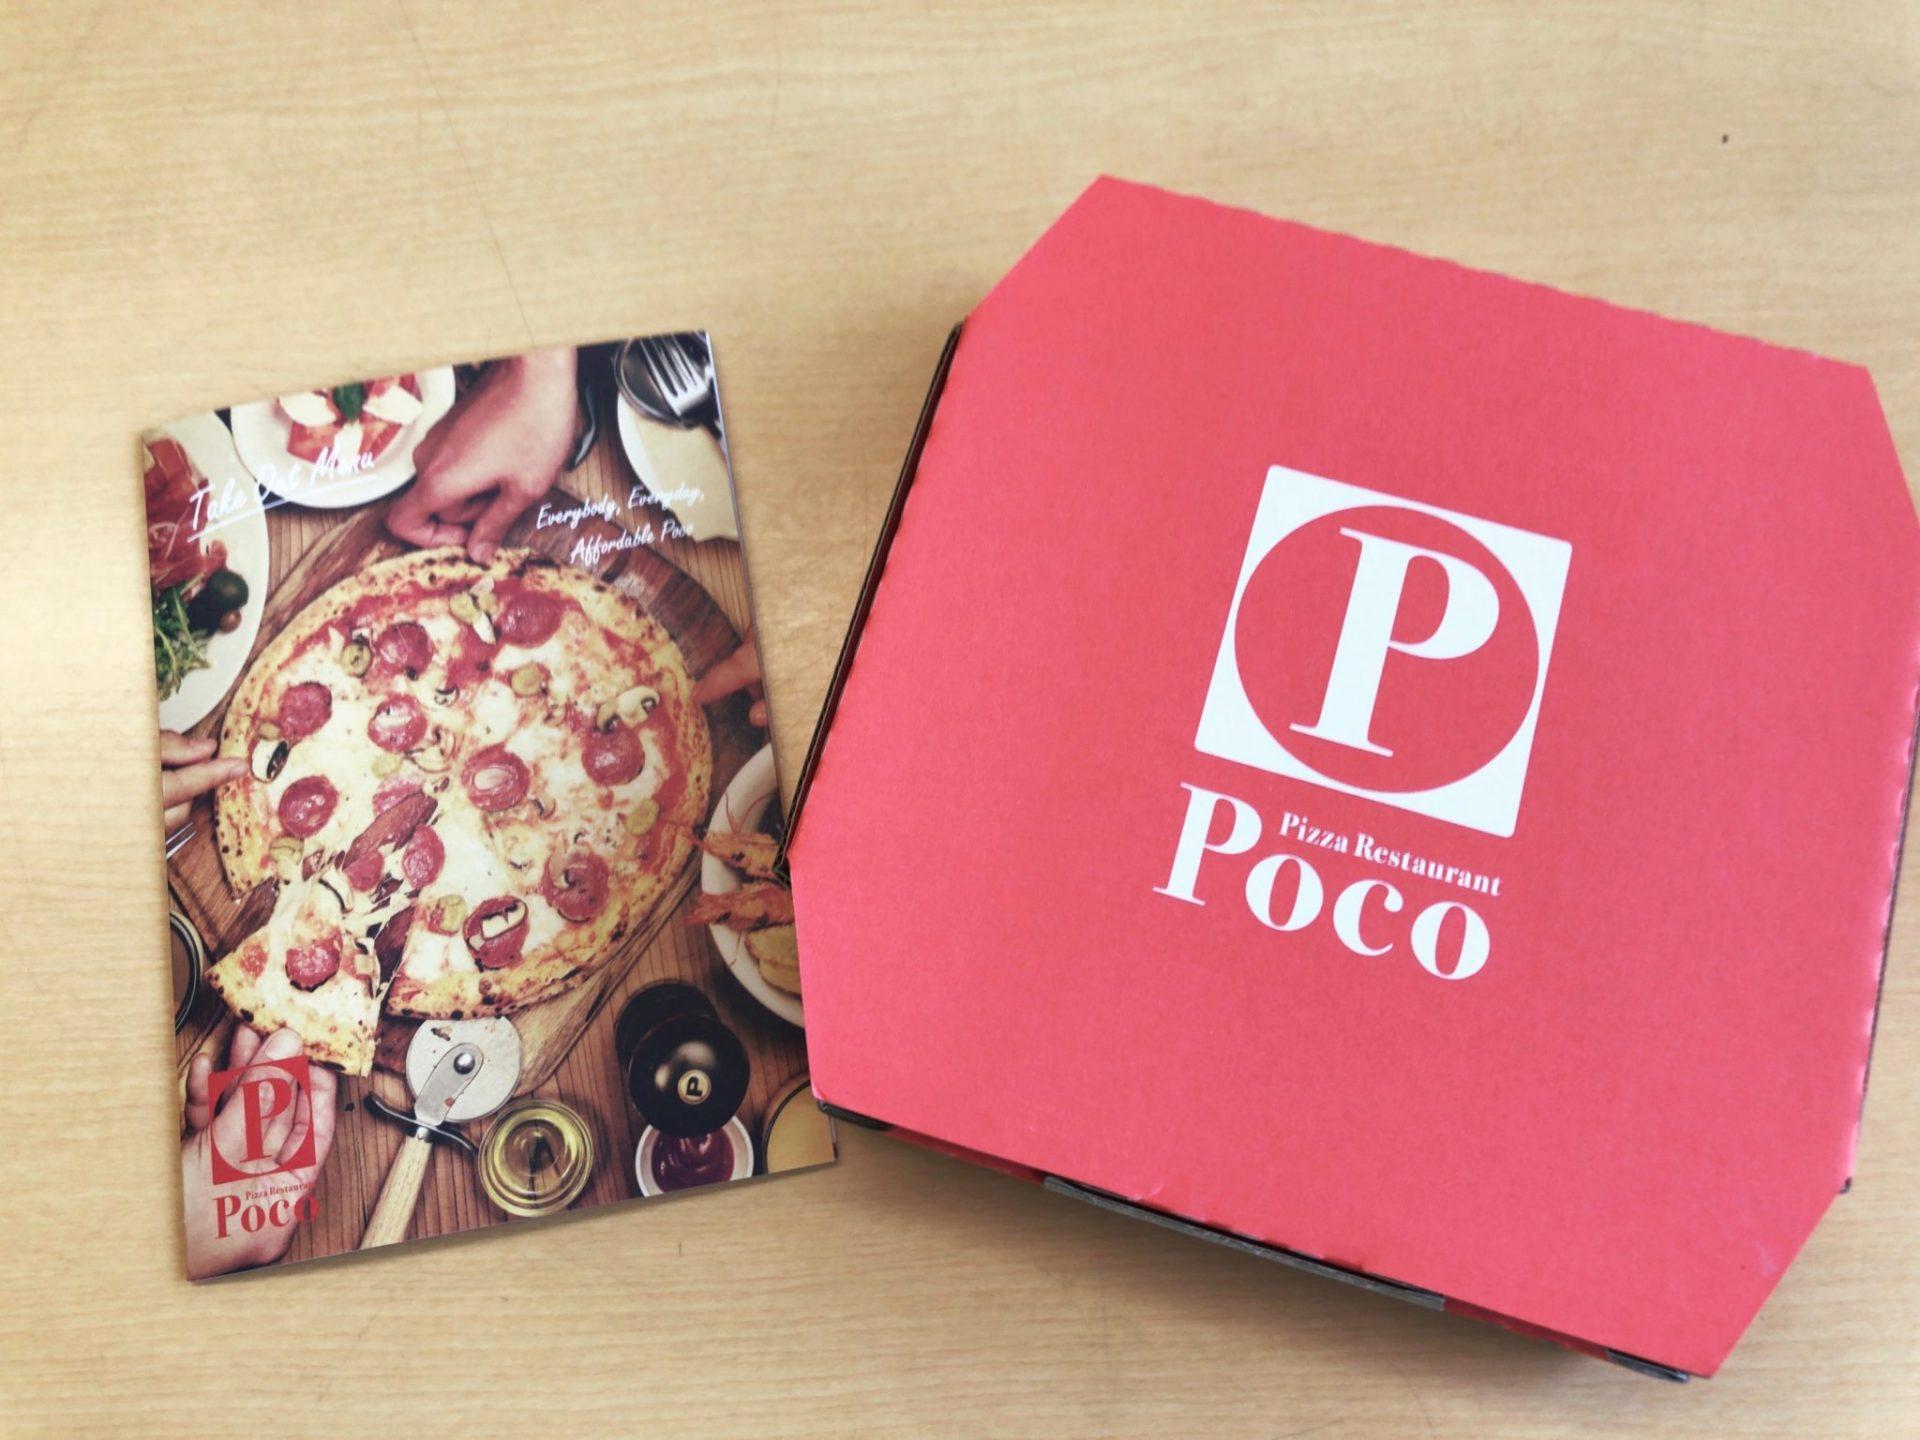 ピザスタンドPoco 世田谷1丁目店のテイクアウトピザの箱